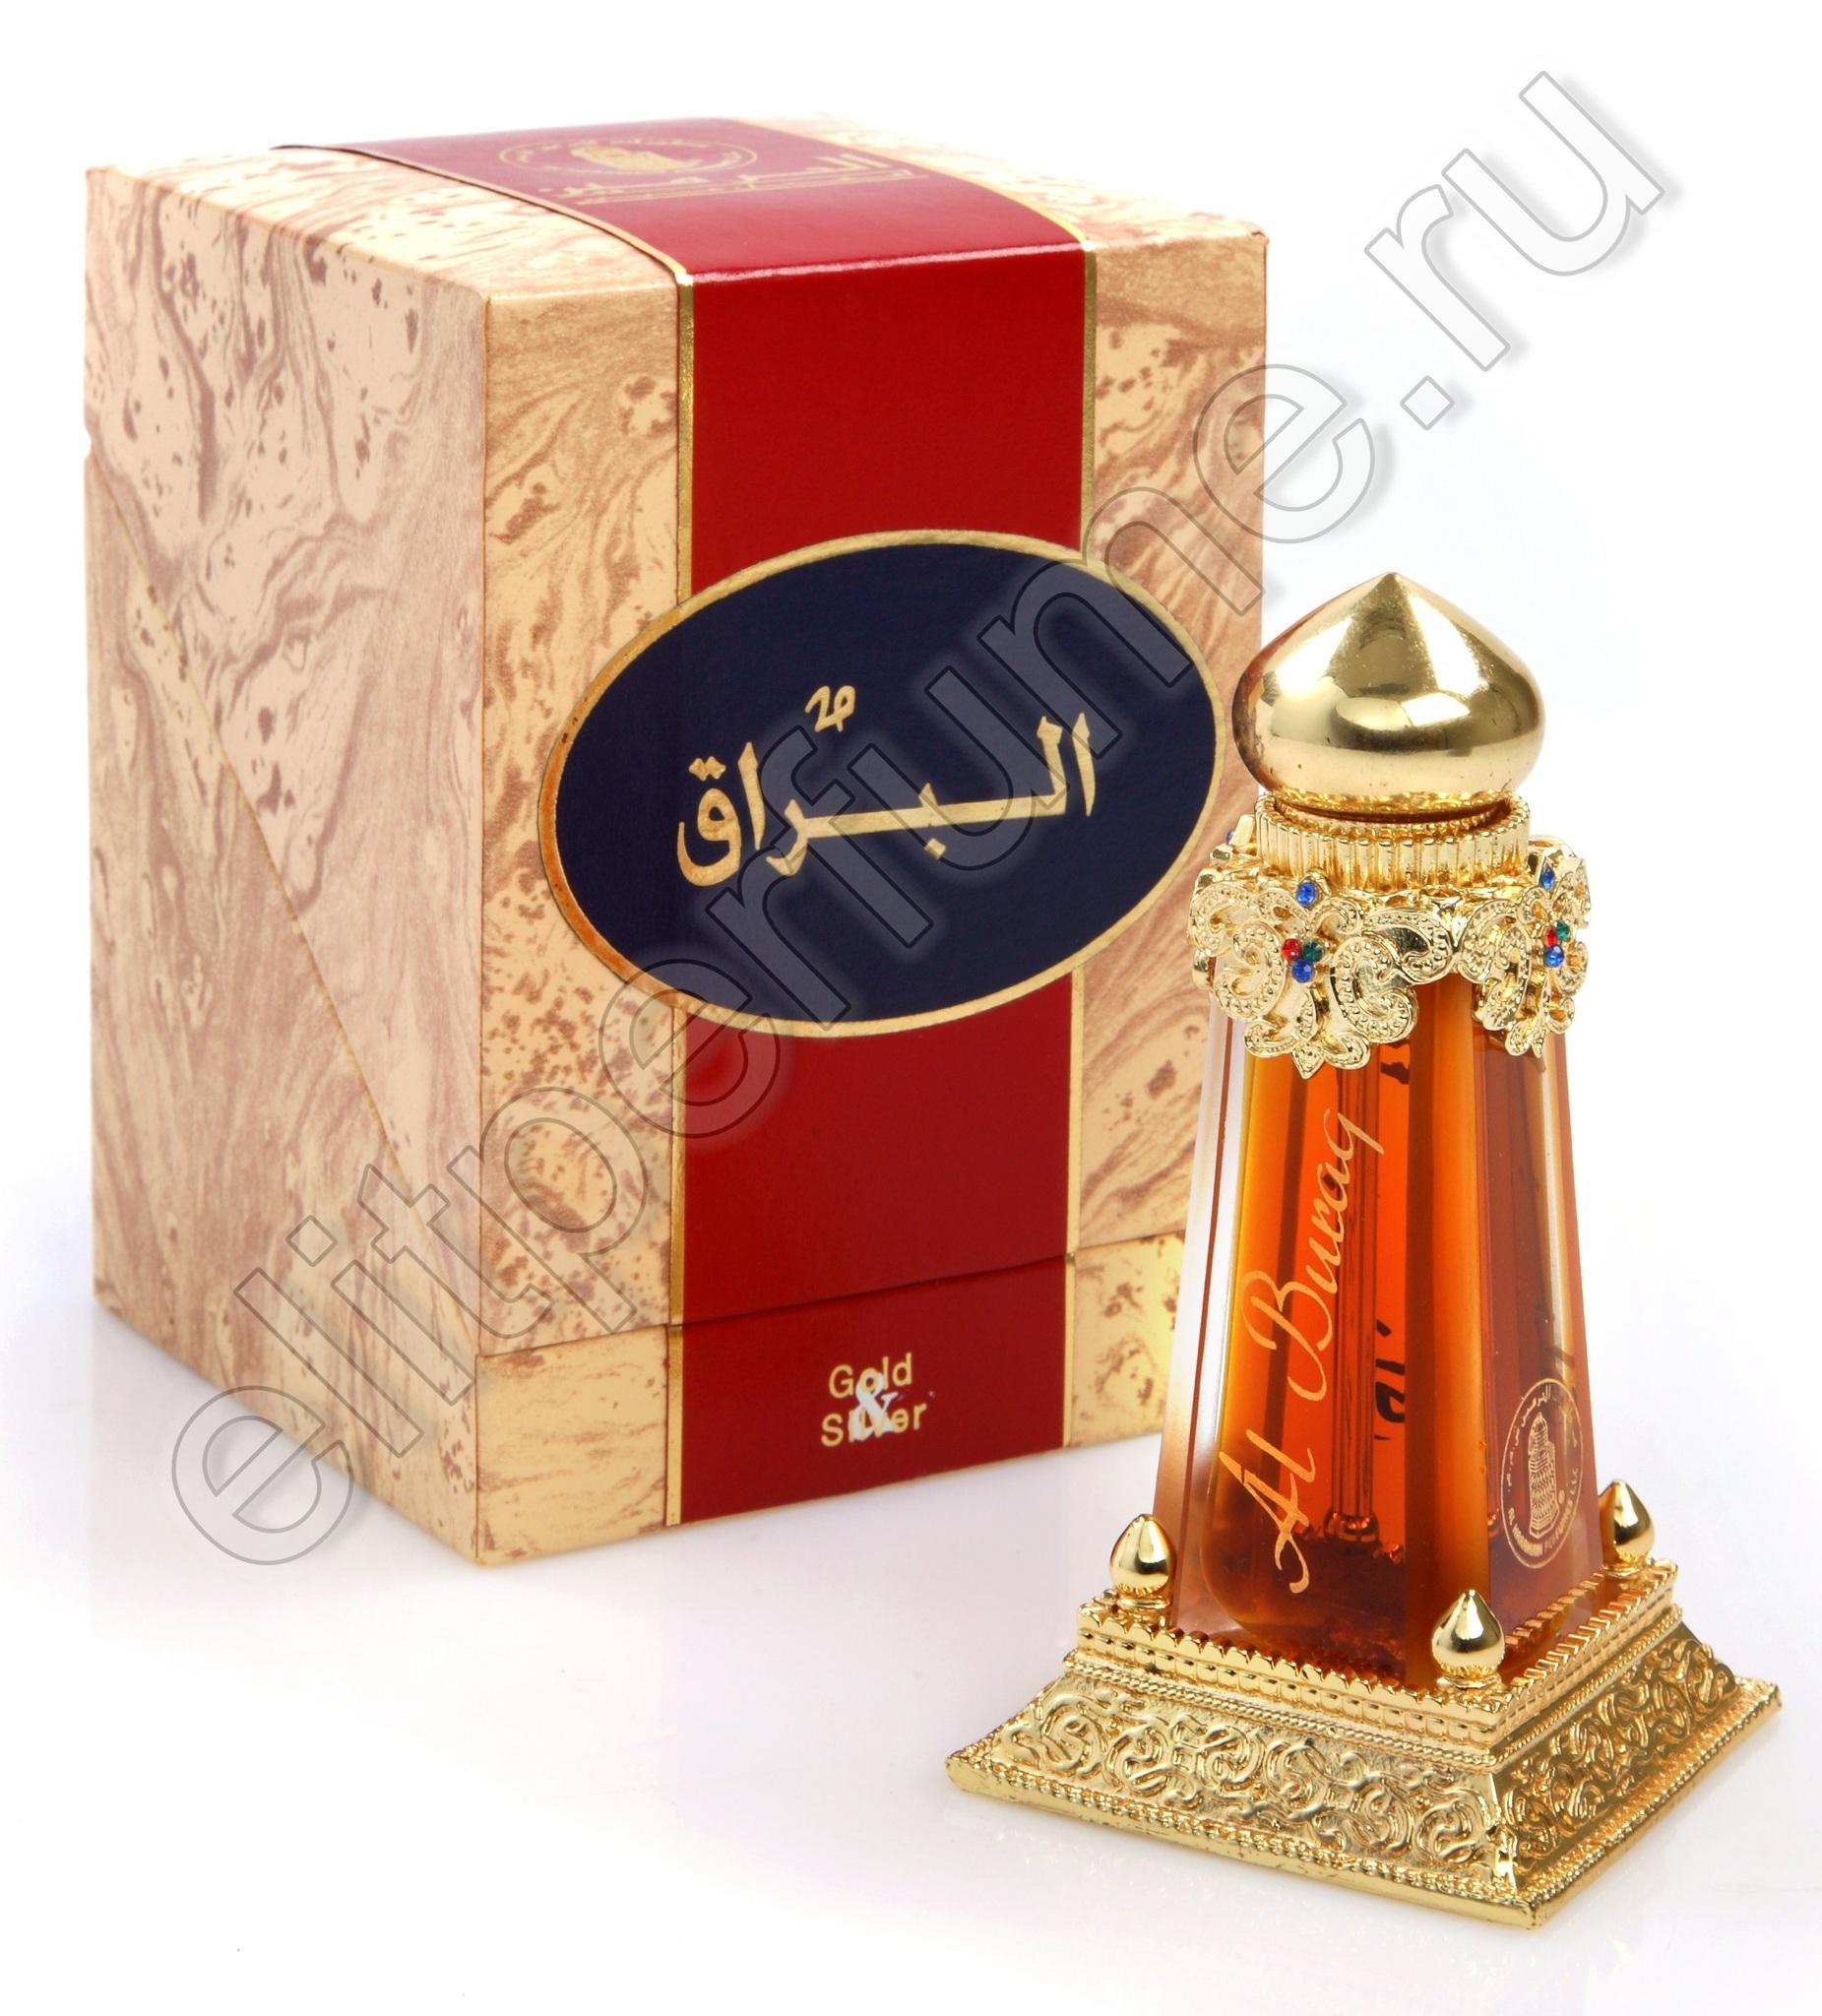 Аль-Бурак Al Buraq 30 мл арабские масляные духи от Аль Харамайн Al Haramain Perfumes